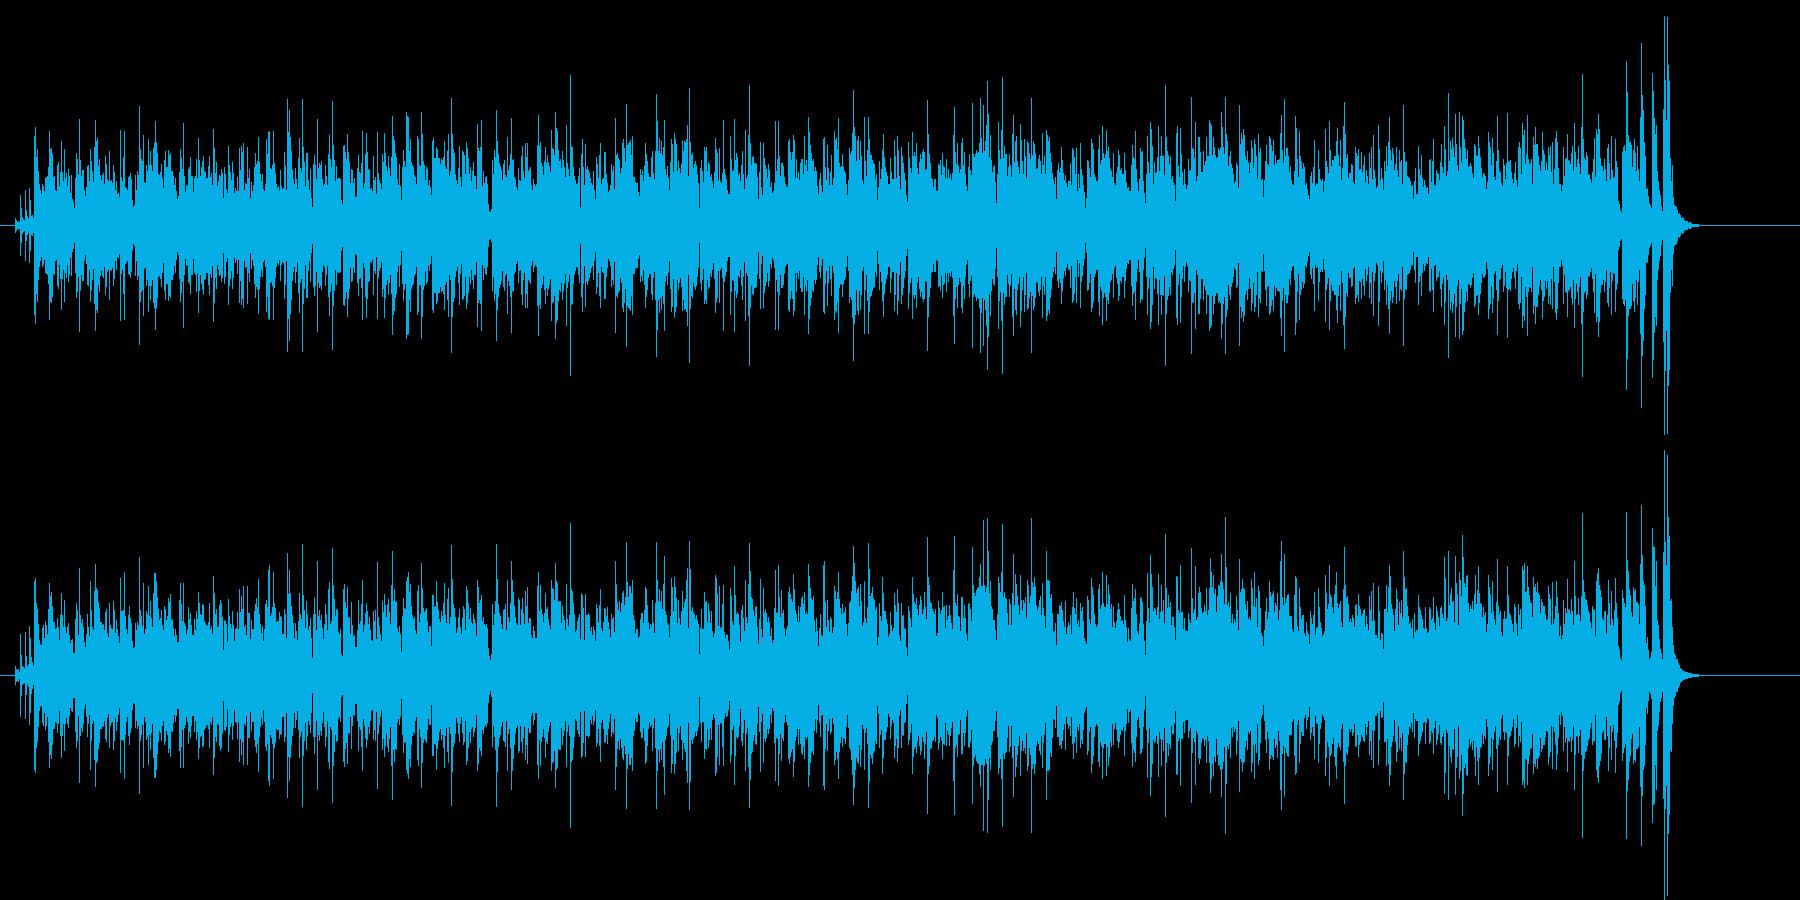 トロピカルなカリプソ調の再生済みの波形